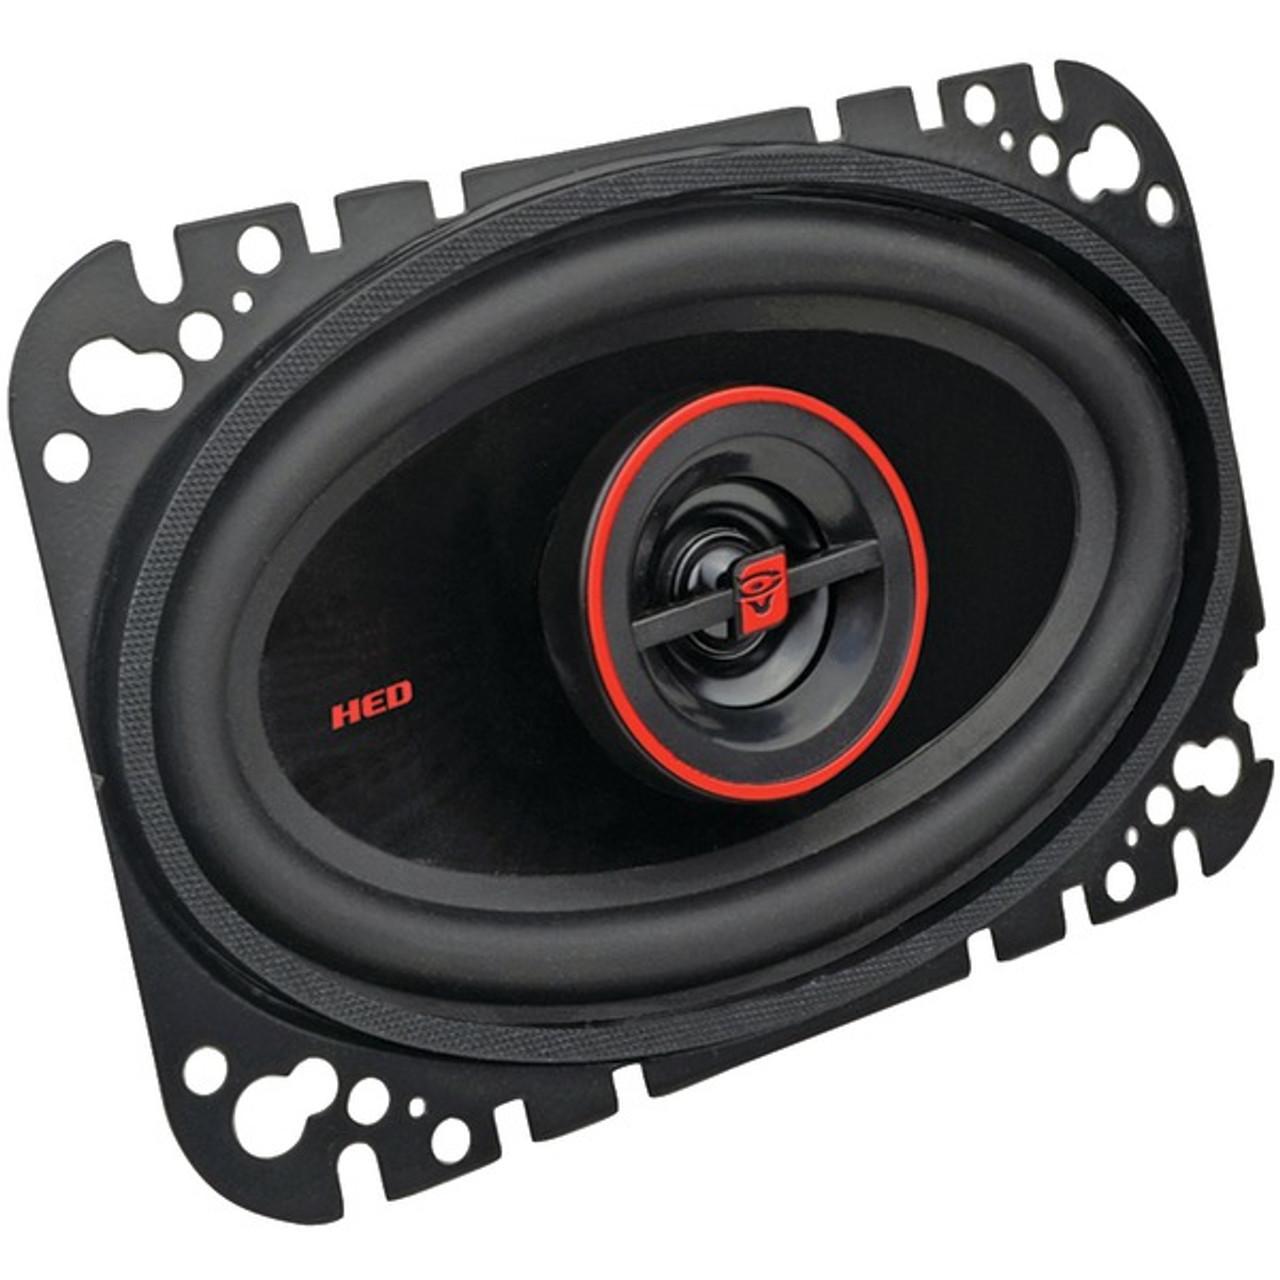 UpStart Components Brand 5304506471 Refrigerator Door Handle Replacement for Frigidaire FFHT2117LB8 Refrigerator Compatible with 5304506471 Black Door Handle